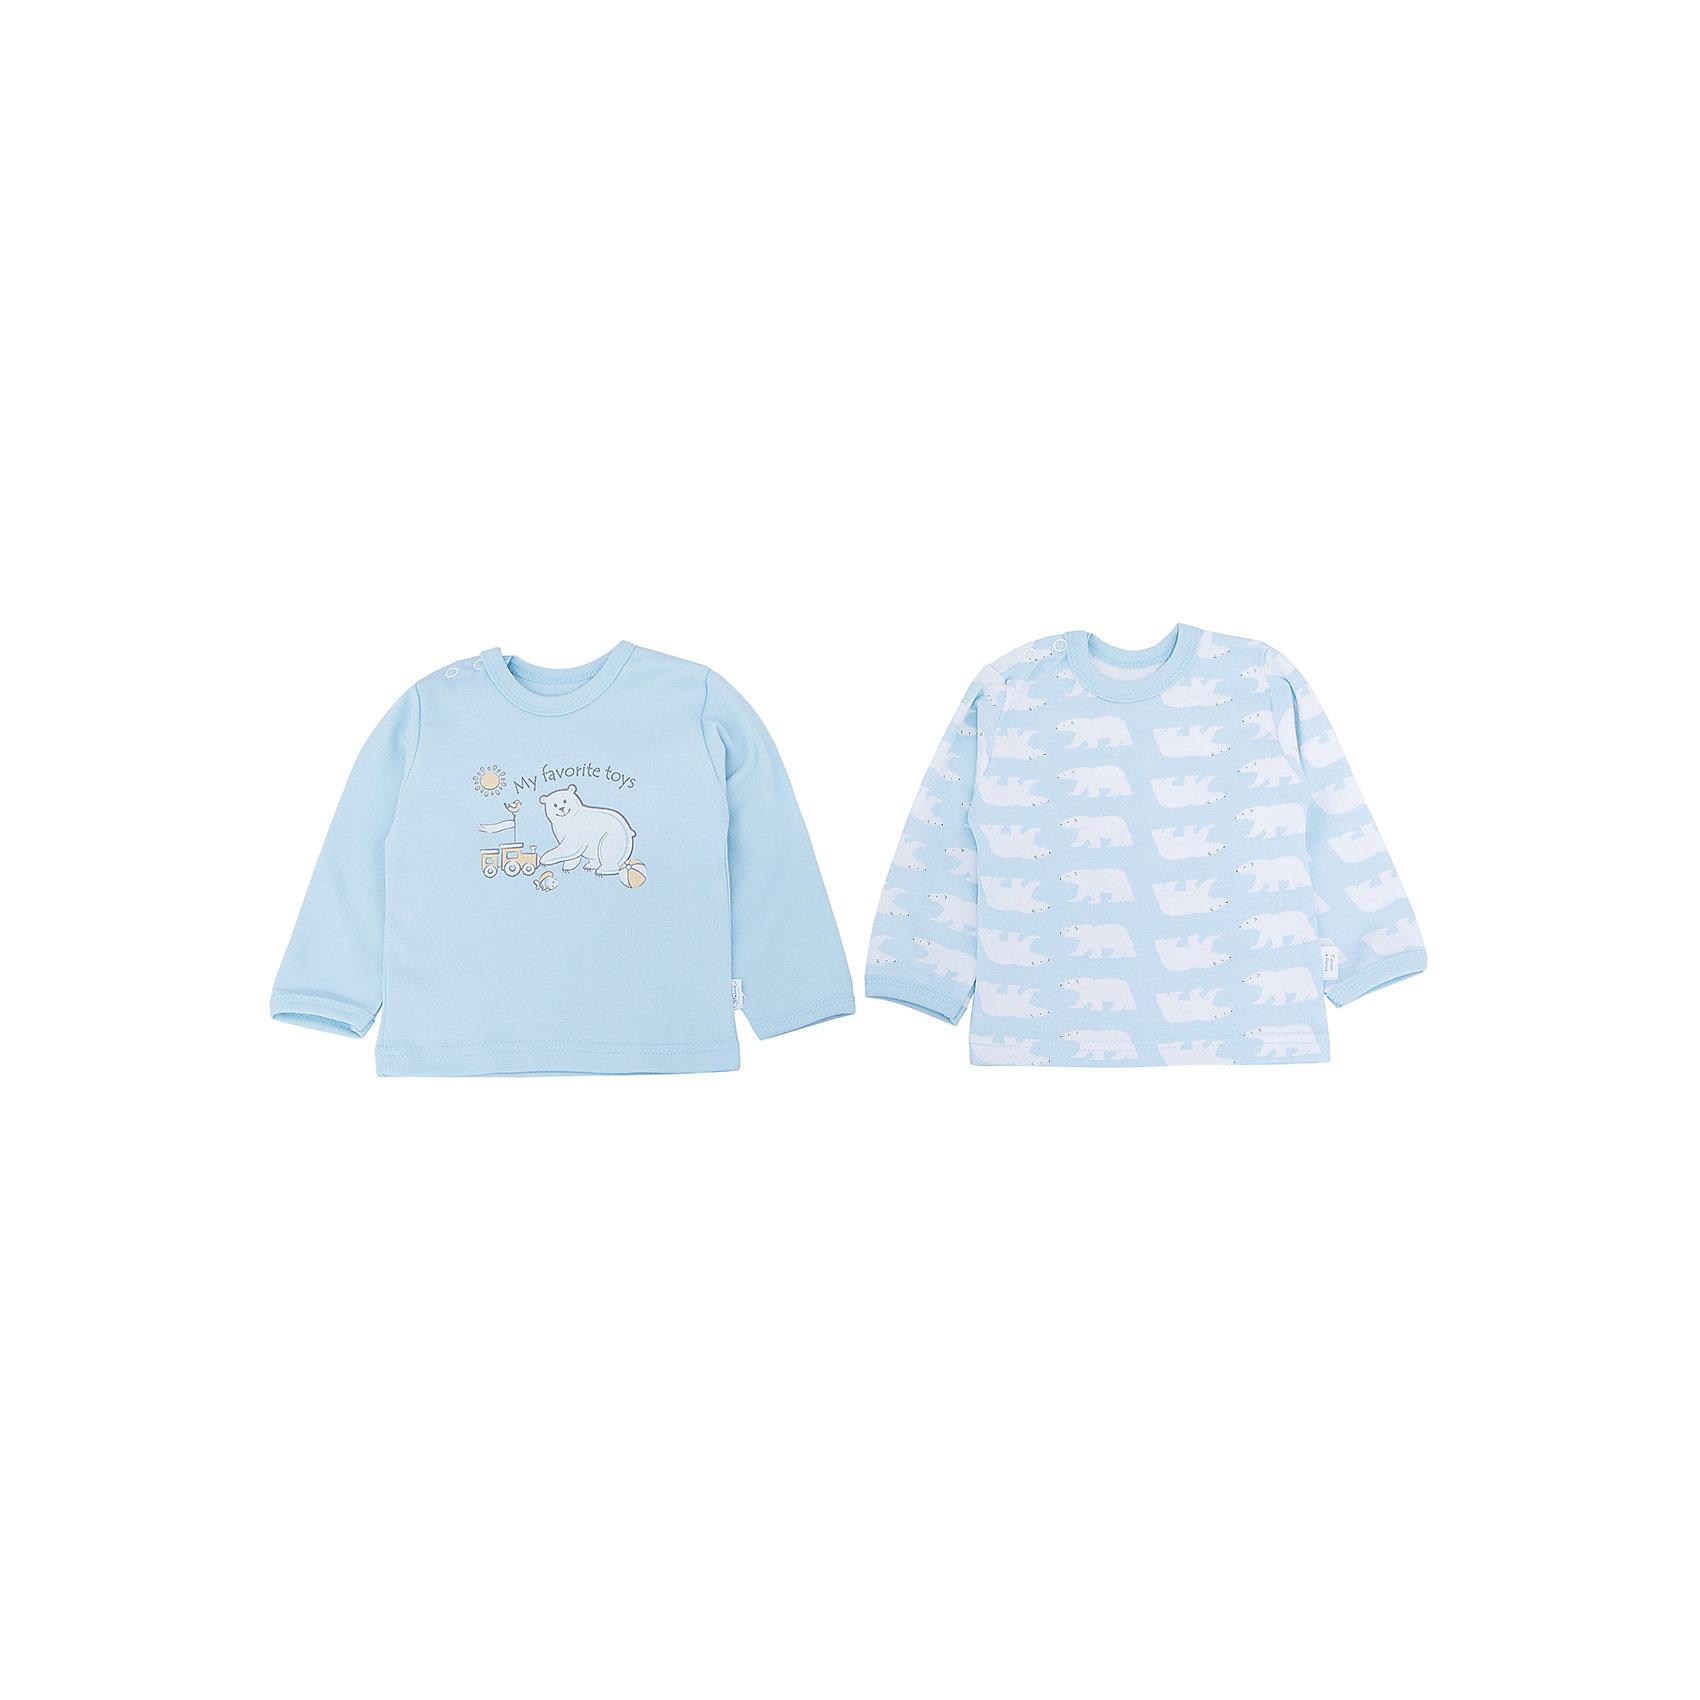 Футболка для мальчика,2 шт. Веселый малышКомплект для мальчика Умка (Фуфайка\футболка с длинным рукавом на кнопках,с окантовкой-2шт.)  Состав: 100%хлопок<br><br>Ширина мм: 157<br>Глубина мм: 13<br>Высота мм: 119<br>Вес г: 200<br>Цвет: голубой<br>Возраст от месяцев: 3<br>Возраст до месяцев: 6<br>Пол: Мужской<br>Возраст: Детский<br>Размер: 68,62,80,74<br>SKU: 4810996